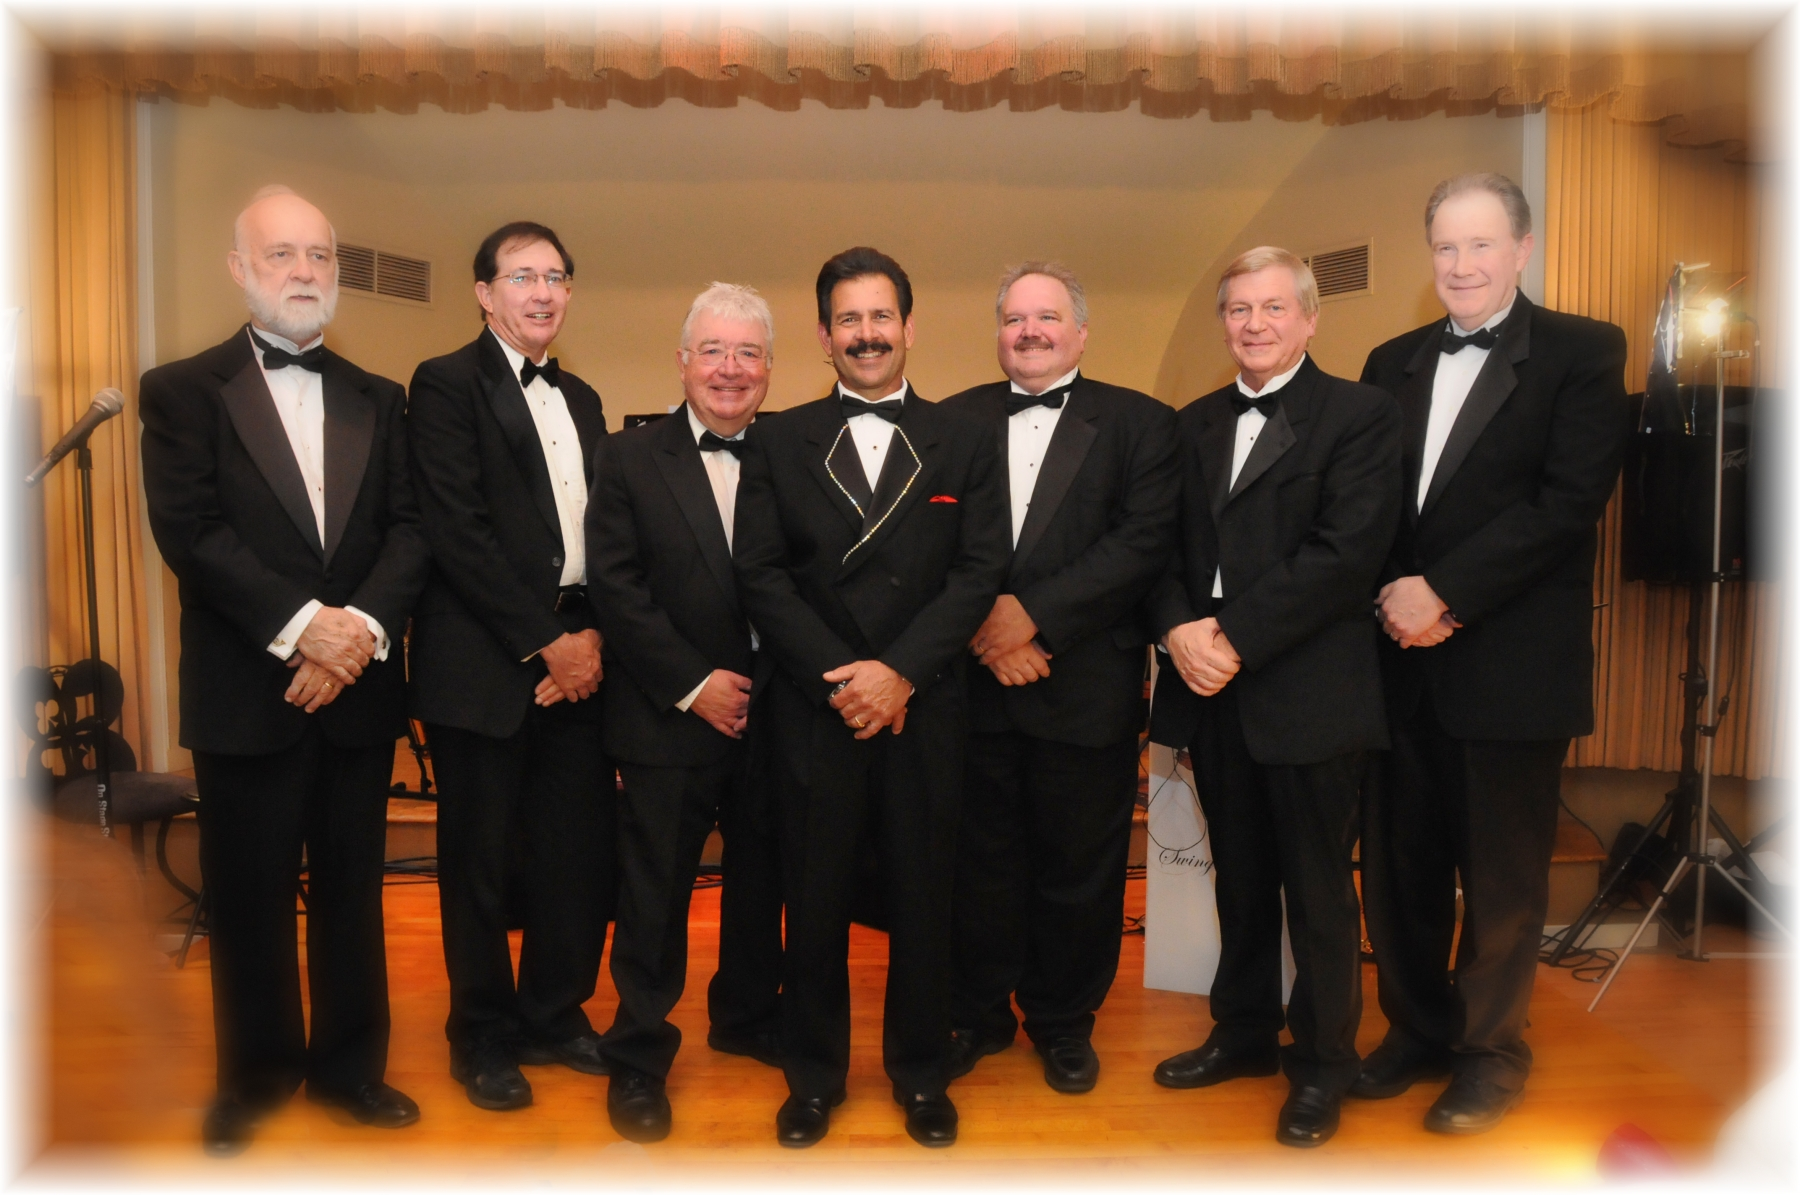 0632-Tony and Band Photo